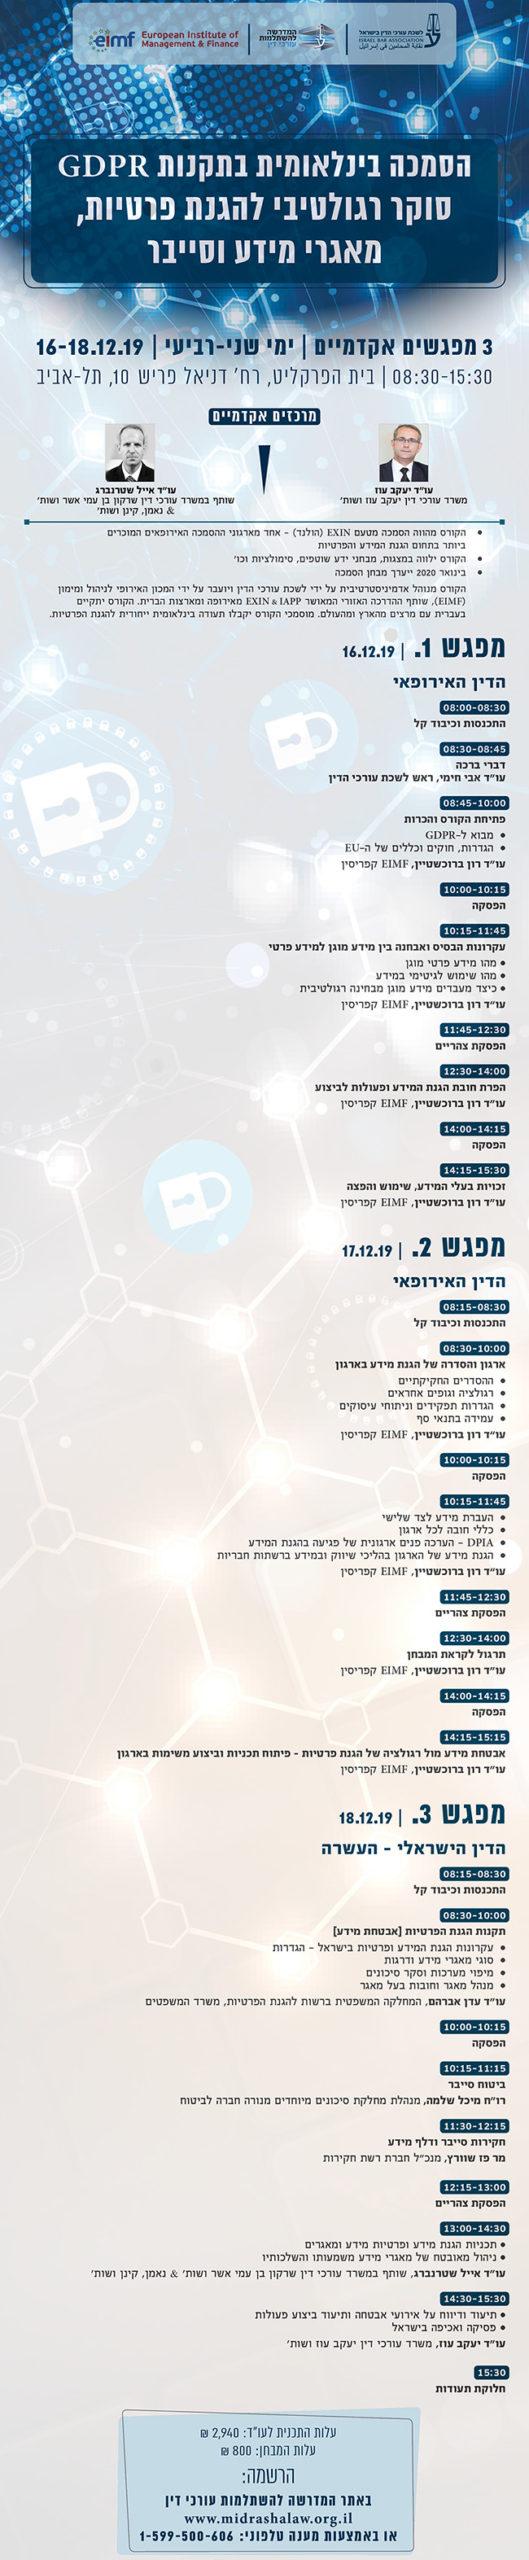 תוכנית הסמכה בינלאומית אתר 12.19